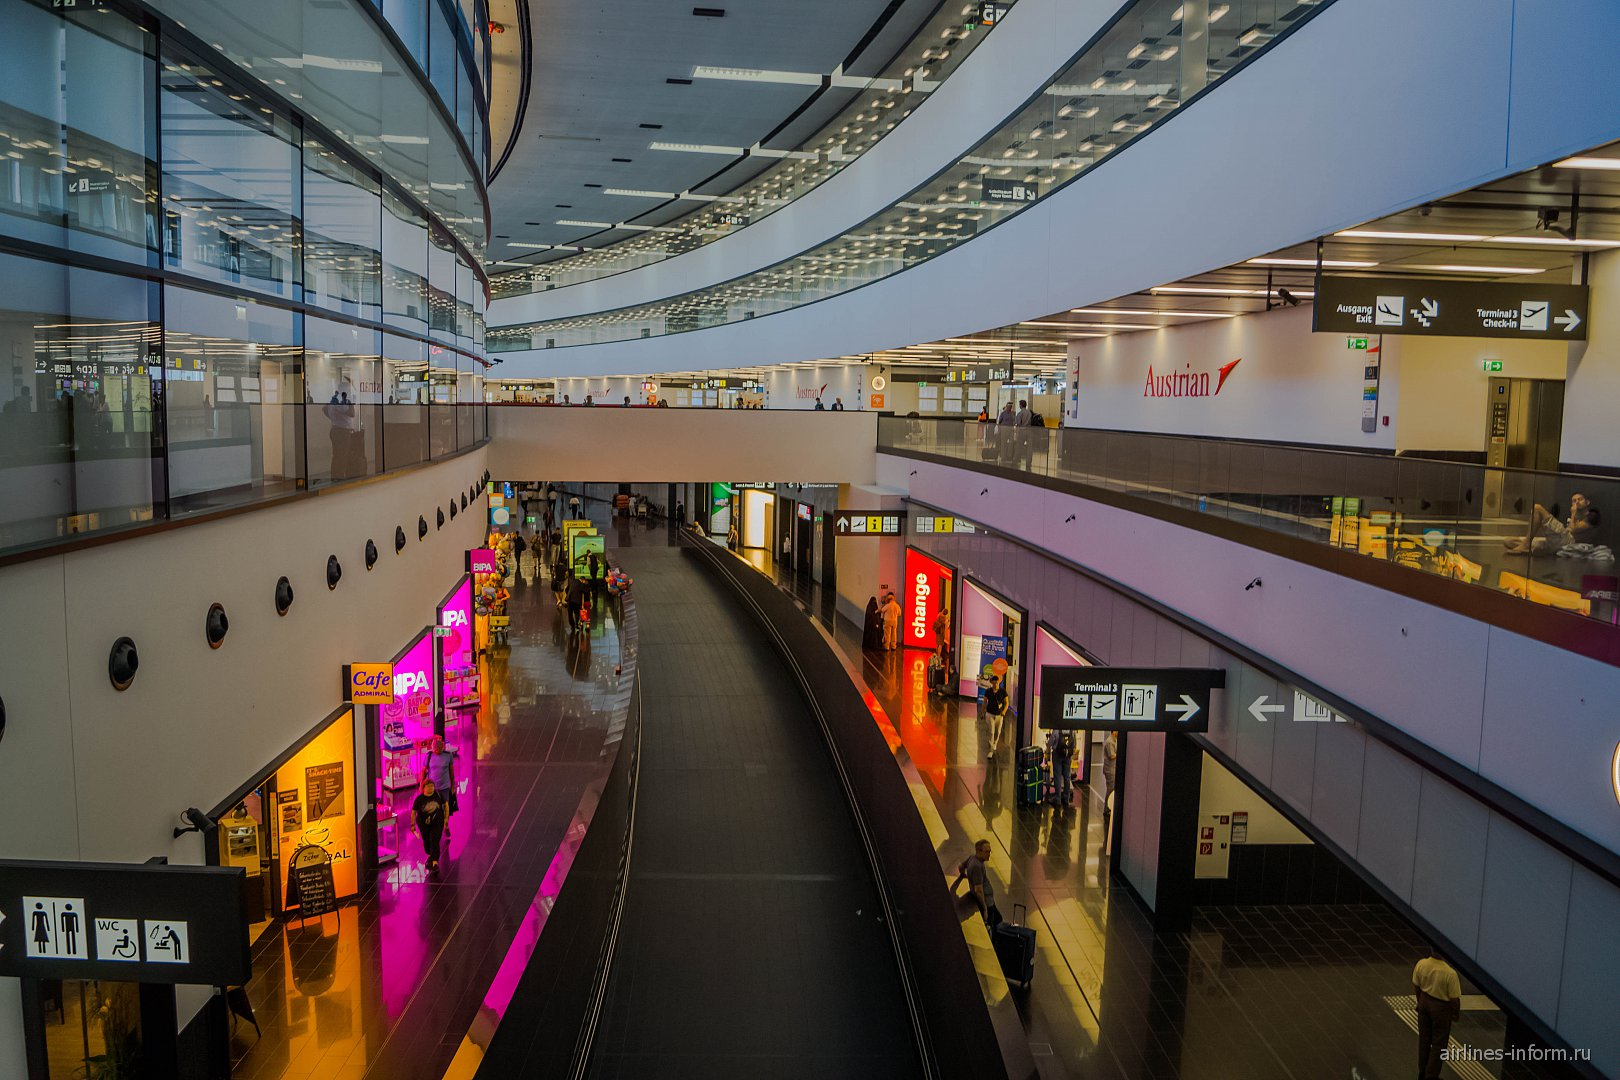 В пассажирском терминале аэропорта Вена Швехат